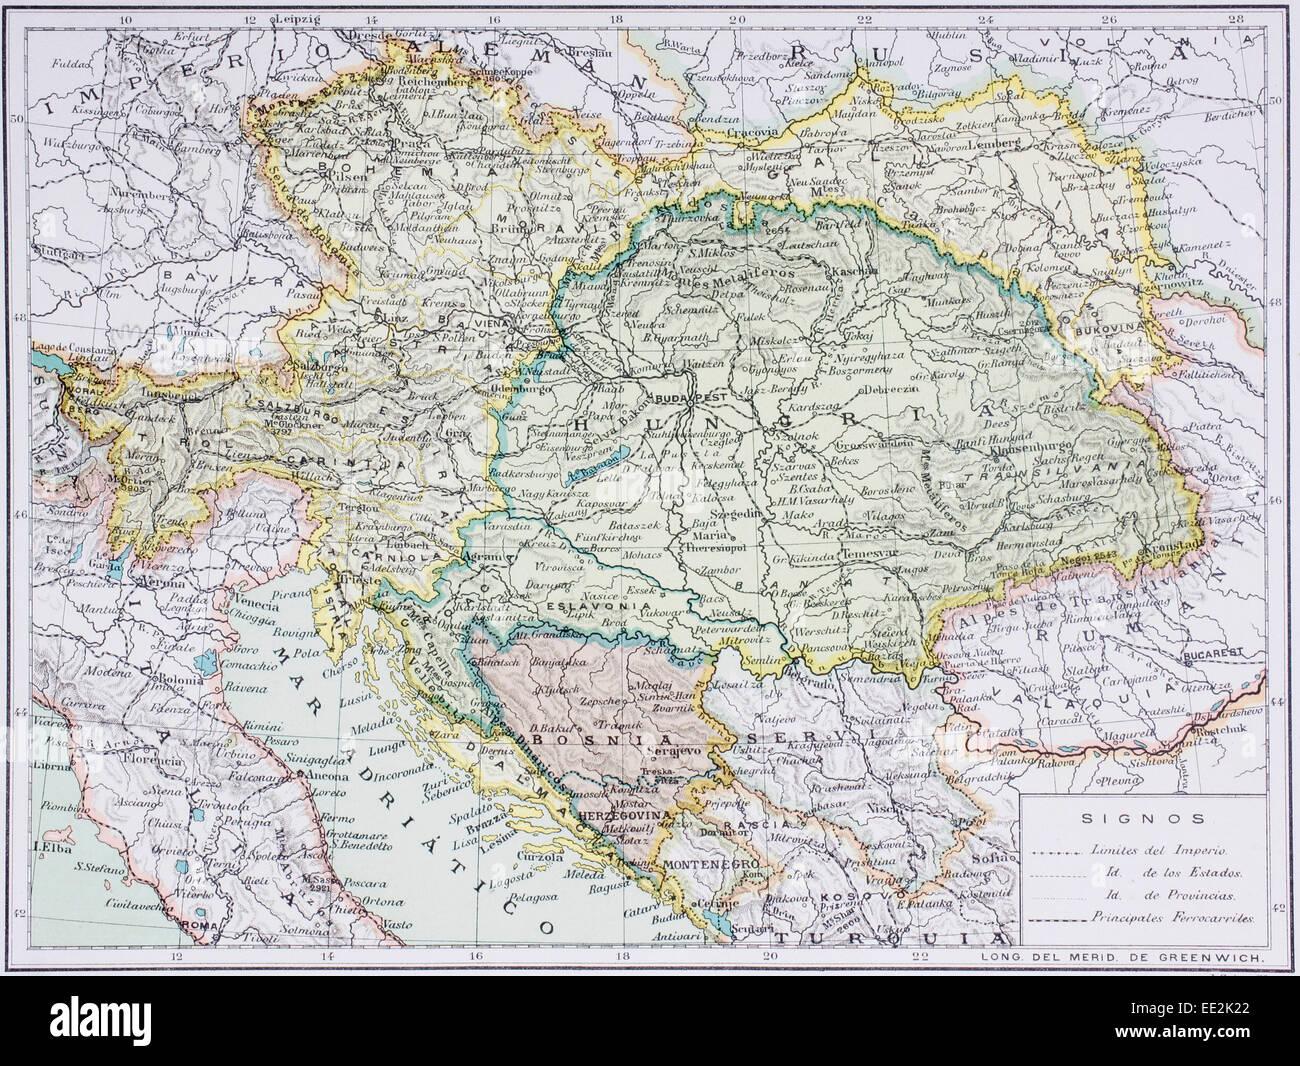 Mapa del Imperio Austro-Húngaro en el siglo 20. Mapa está en idioma español. Imagen De Stock